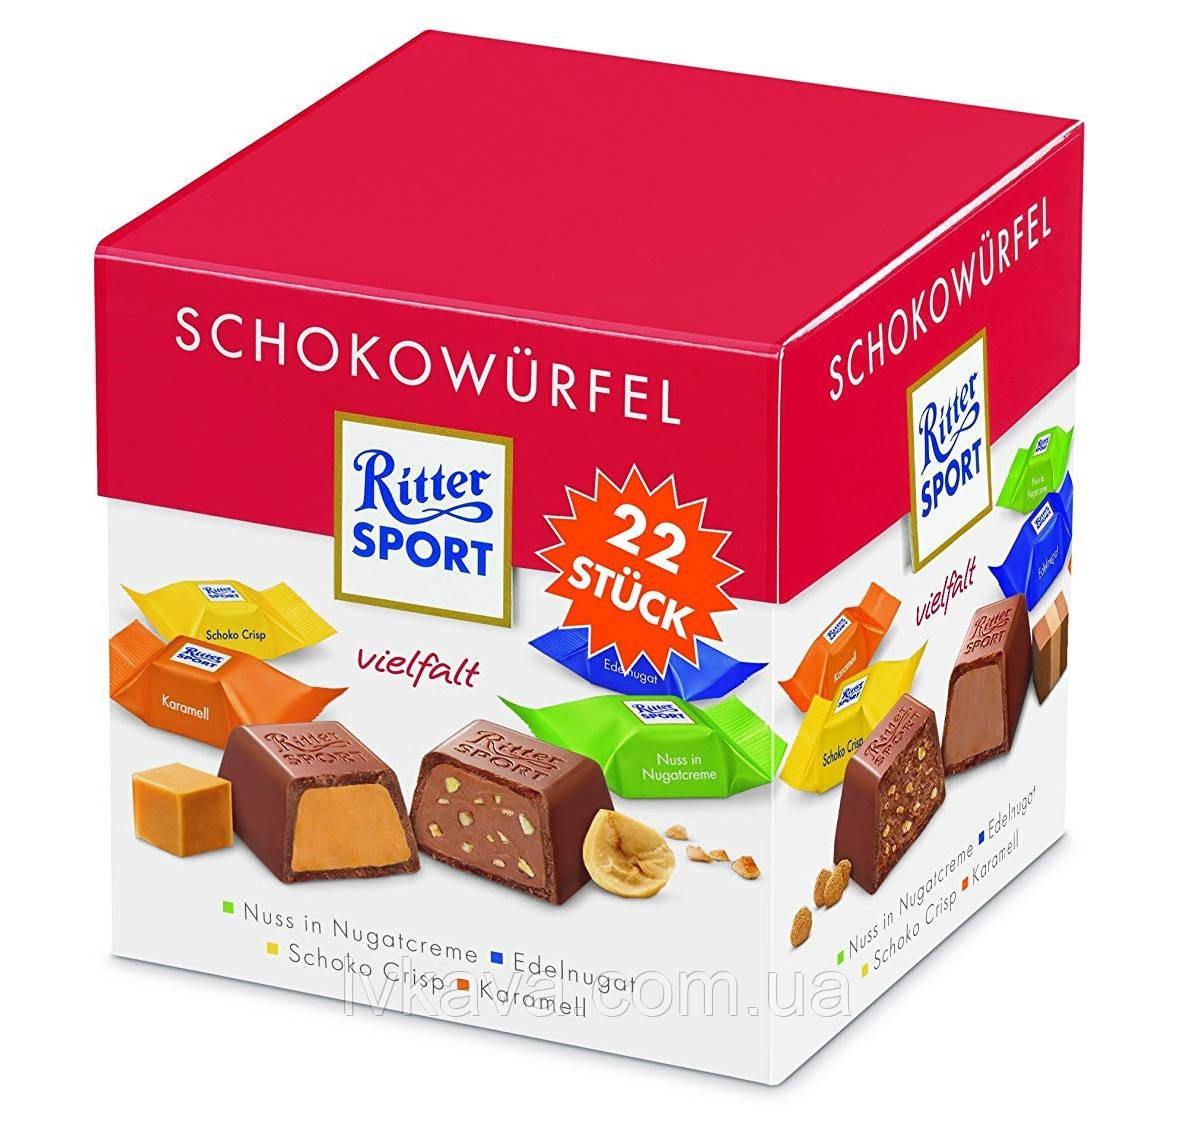 Конфеты шоколадные Ritter Sport Schocowurfel box  , 176 гр